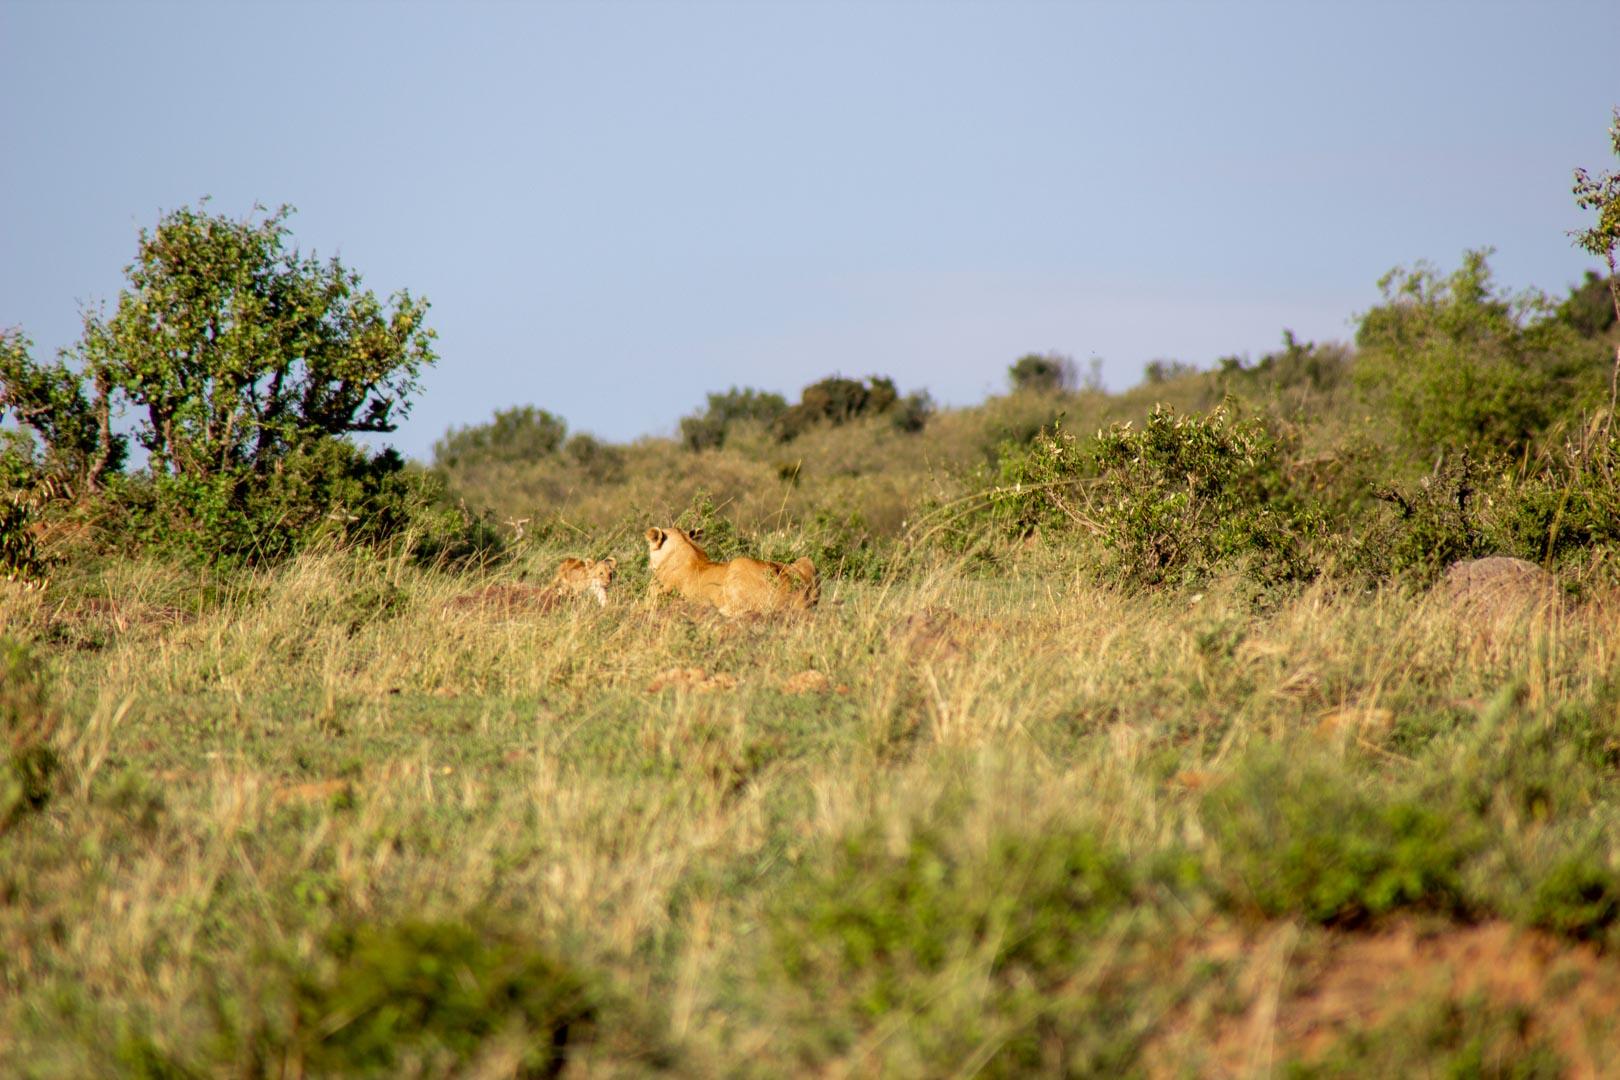 El leoncito decide obedecer a su madre, Masai Mara, Kenia